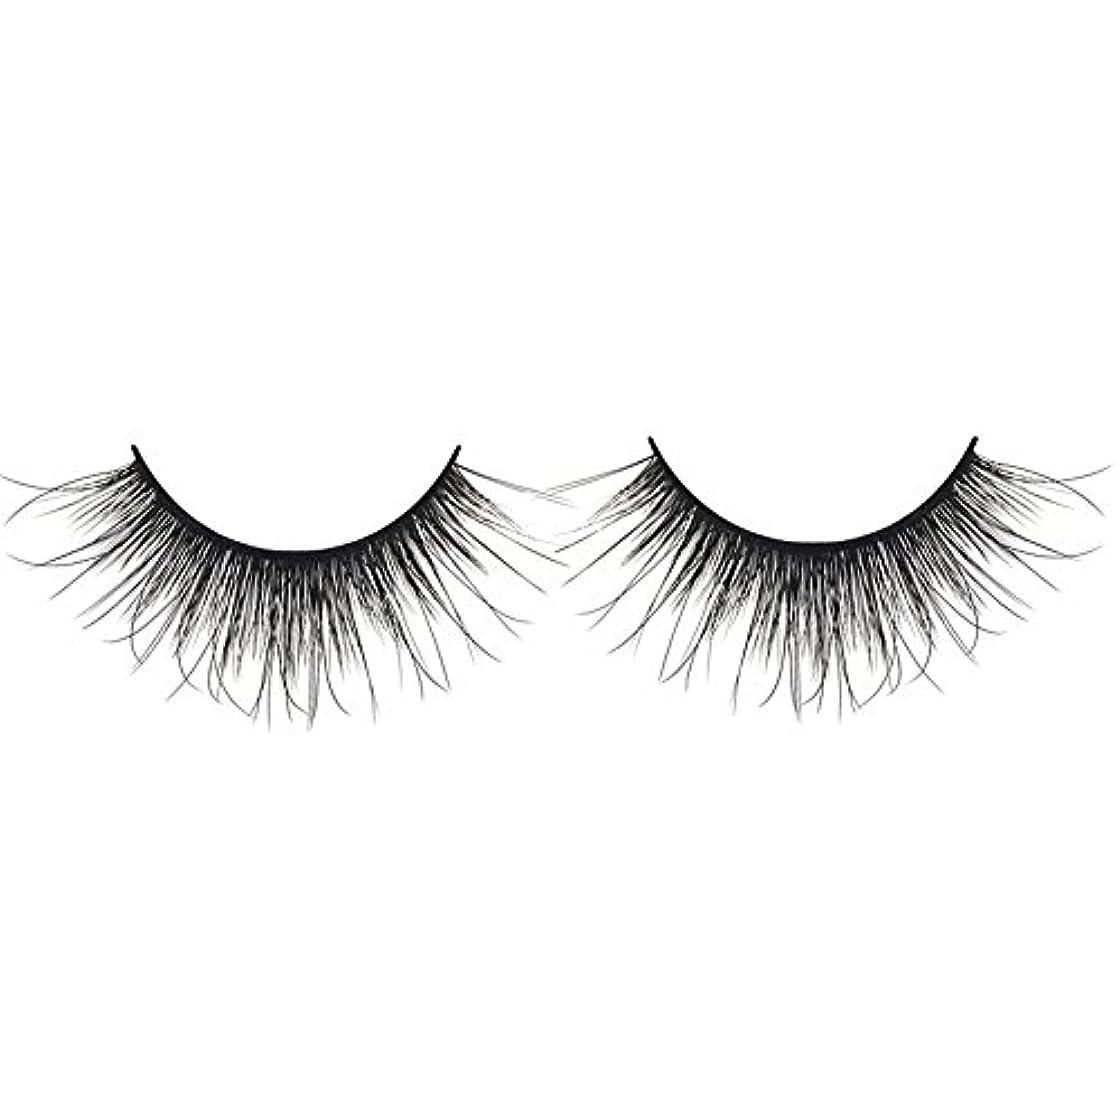 販売計画お互いコーン黒の3D人工ミンクの髪のソフトロングナチュラルメイクアップアイまつ毛スレンダー